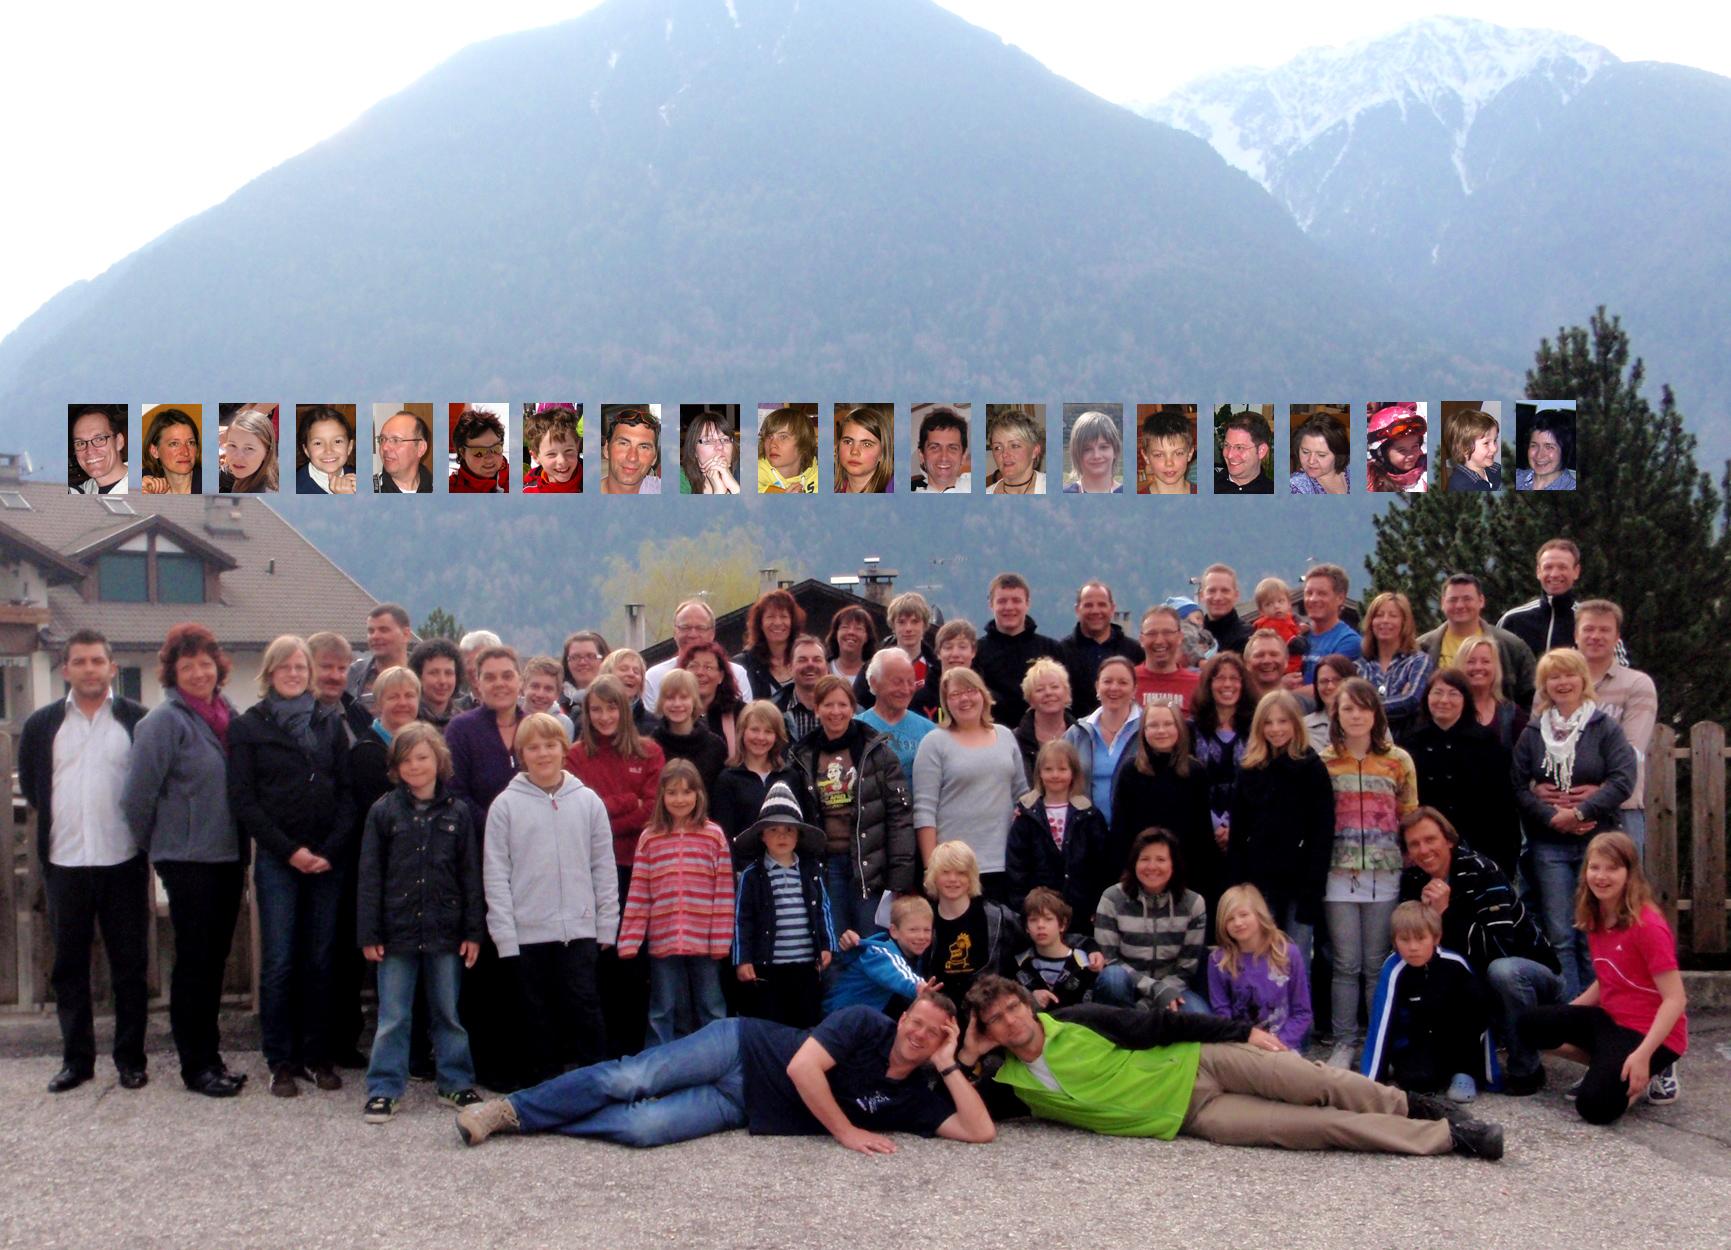 Gruppenbild Familienskifreizeit 2010